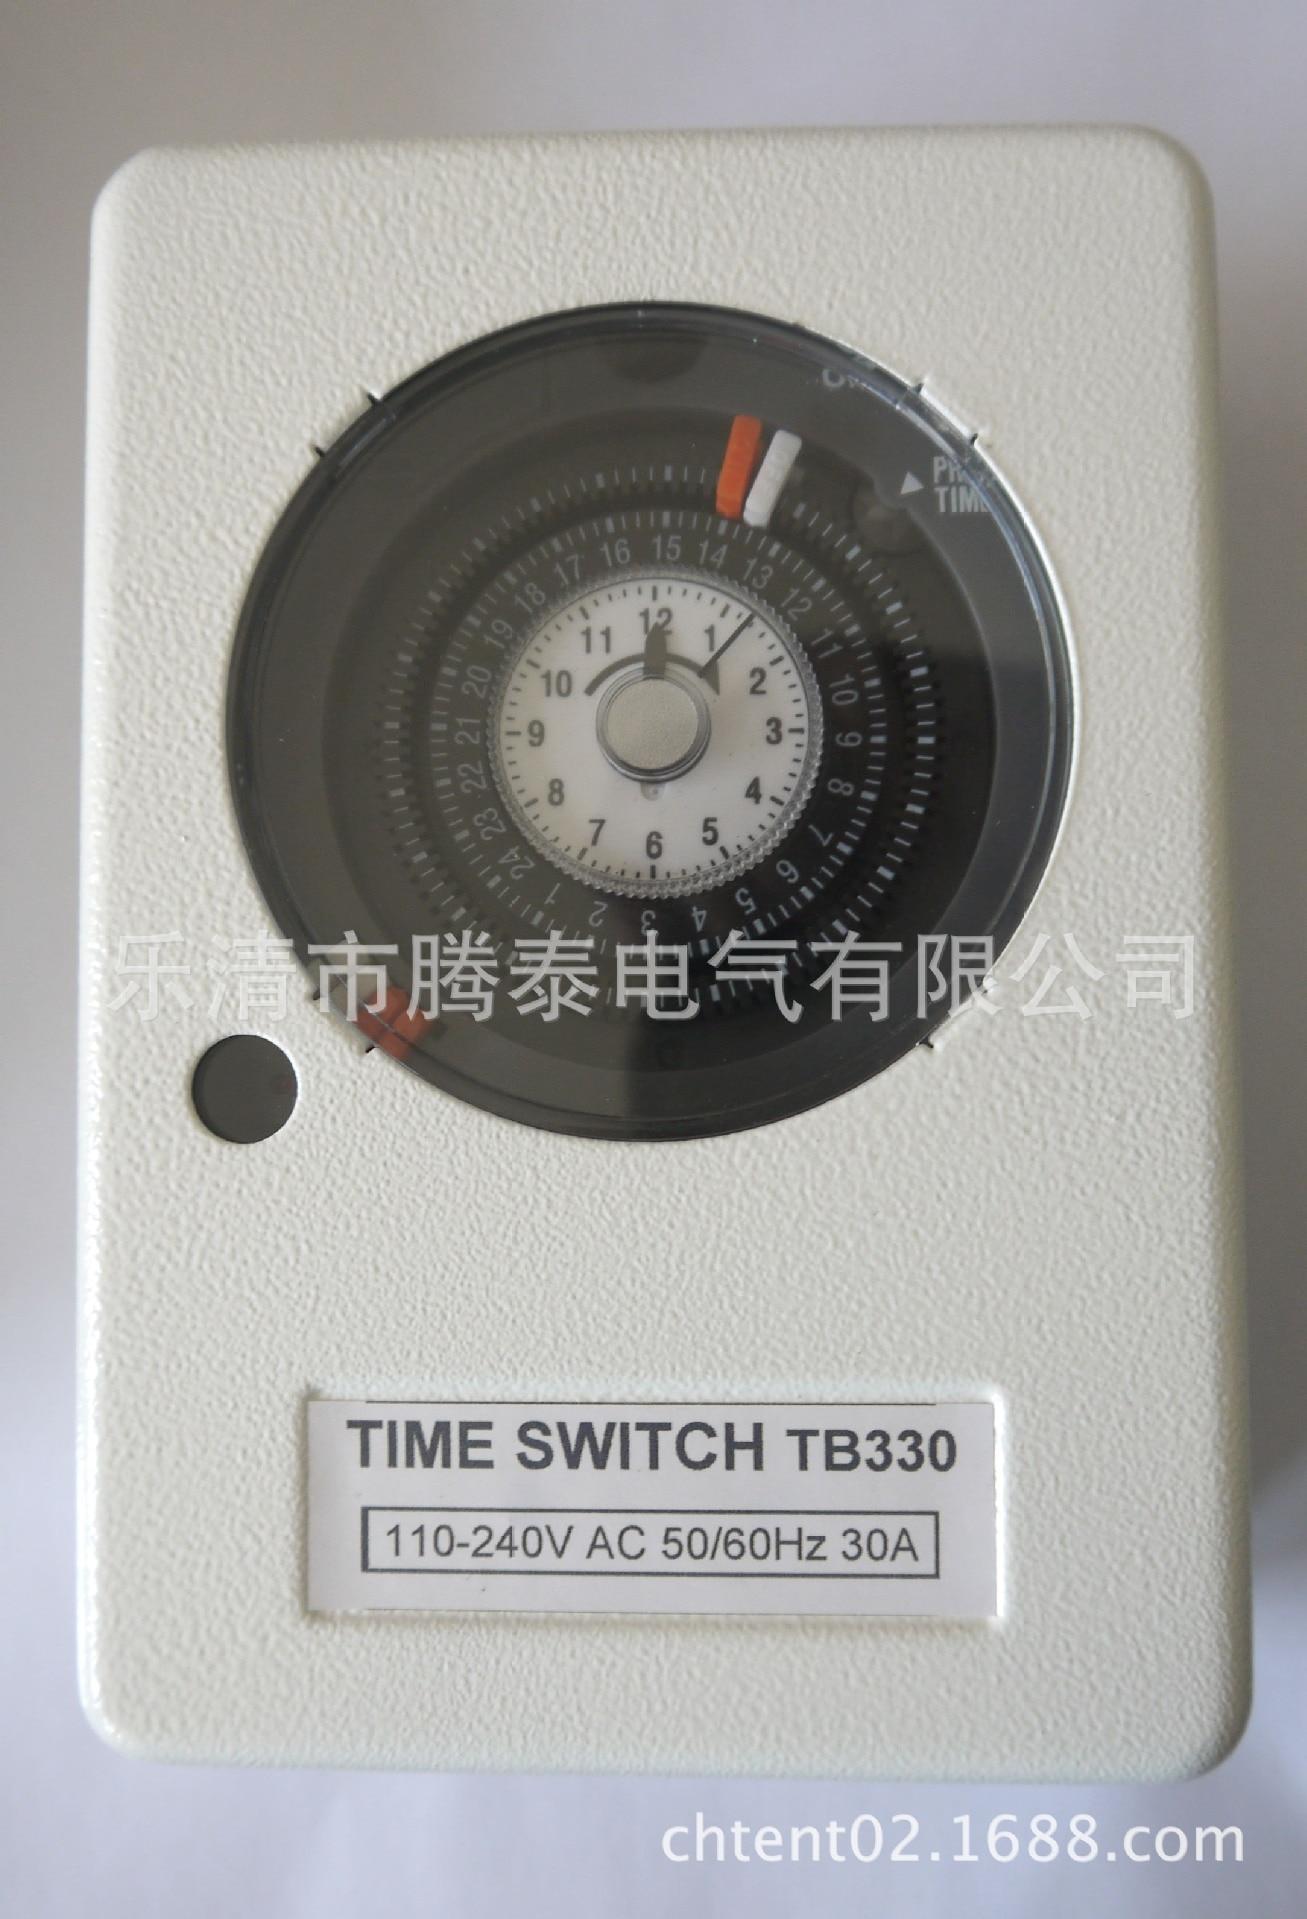 Zeit Steuerung Schalter Timer Mechanische Zeit Steuerung Schalter Mechanische Timer Tb330 SchöN In Farbe Messung Und Analyse Instrumente Werkzeuge